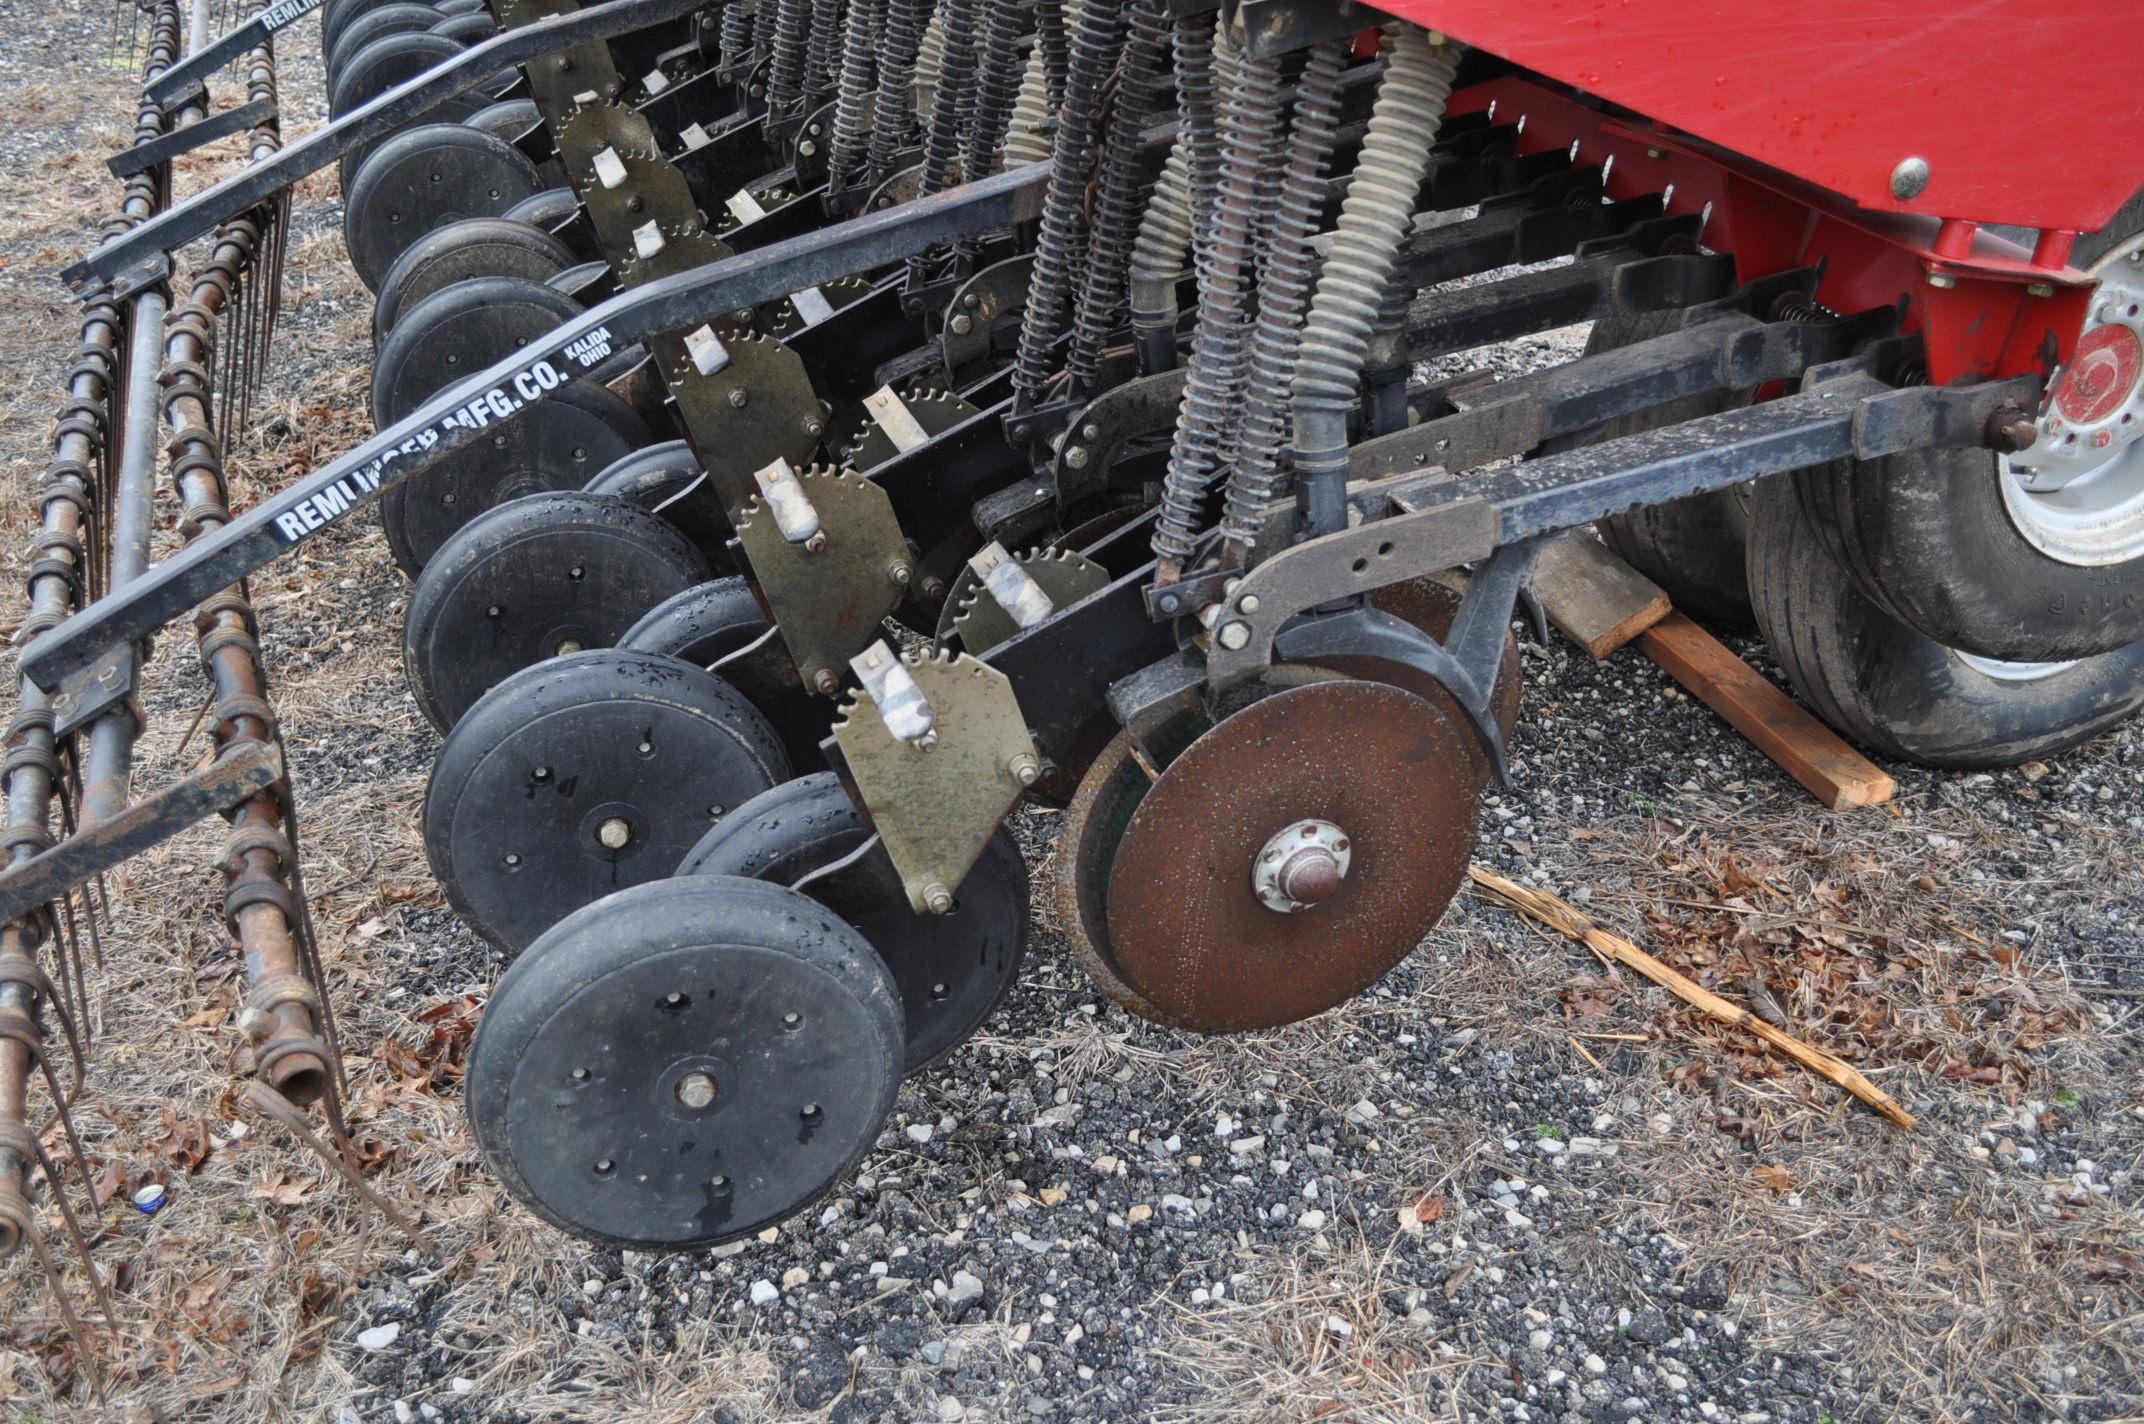 """Case IH 5400 grain drill, 3pt no-till caddie cart, 7 ½"""" spacing, 2 bar coil tine drag, Remlinger - Image 12 of 13"""